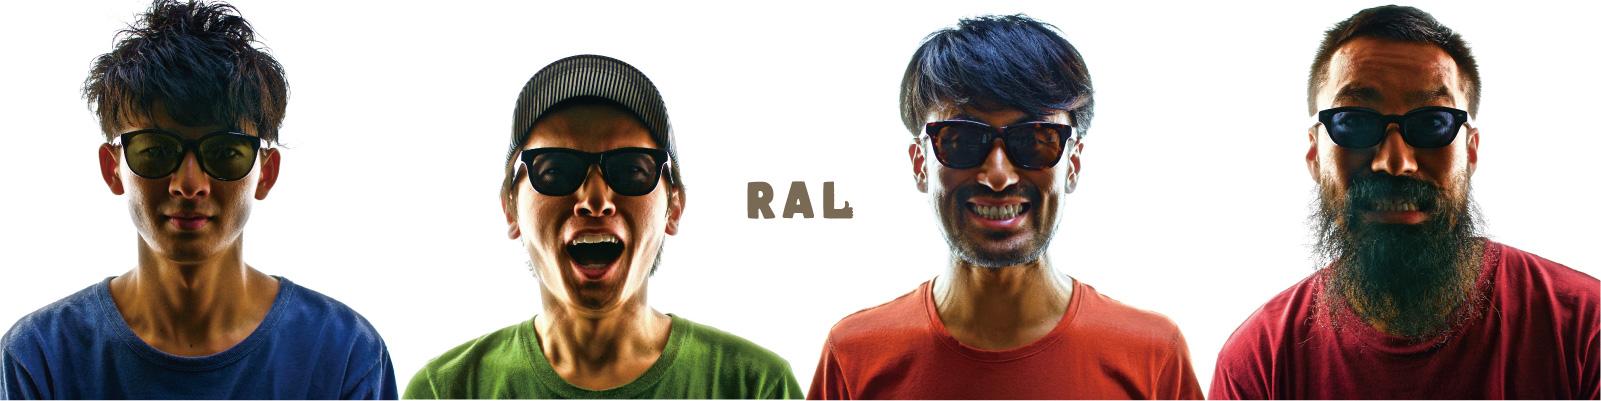 ral_eyewear_buner_16_4-01